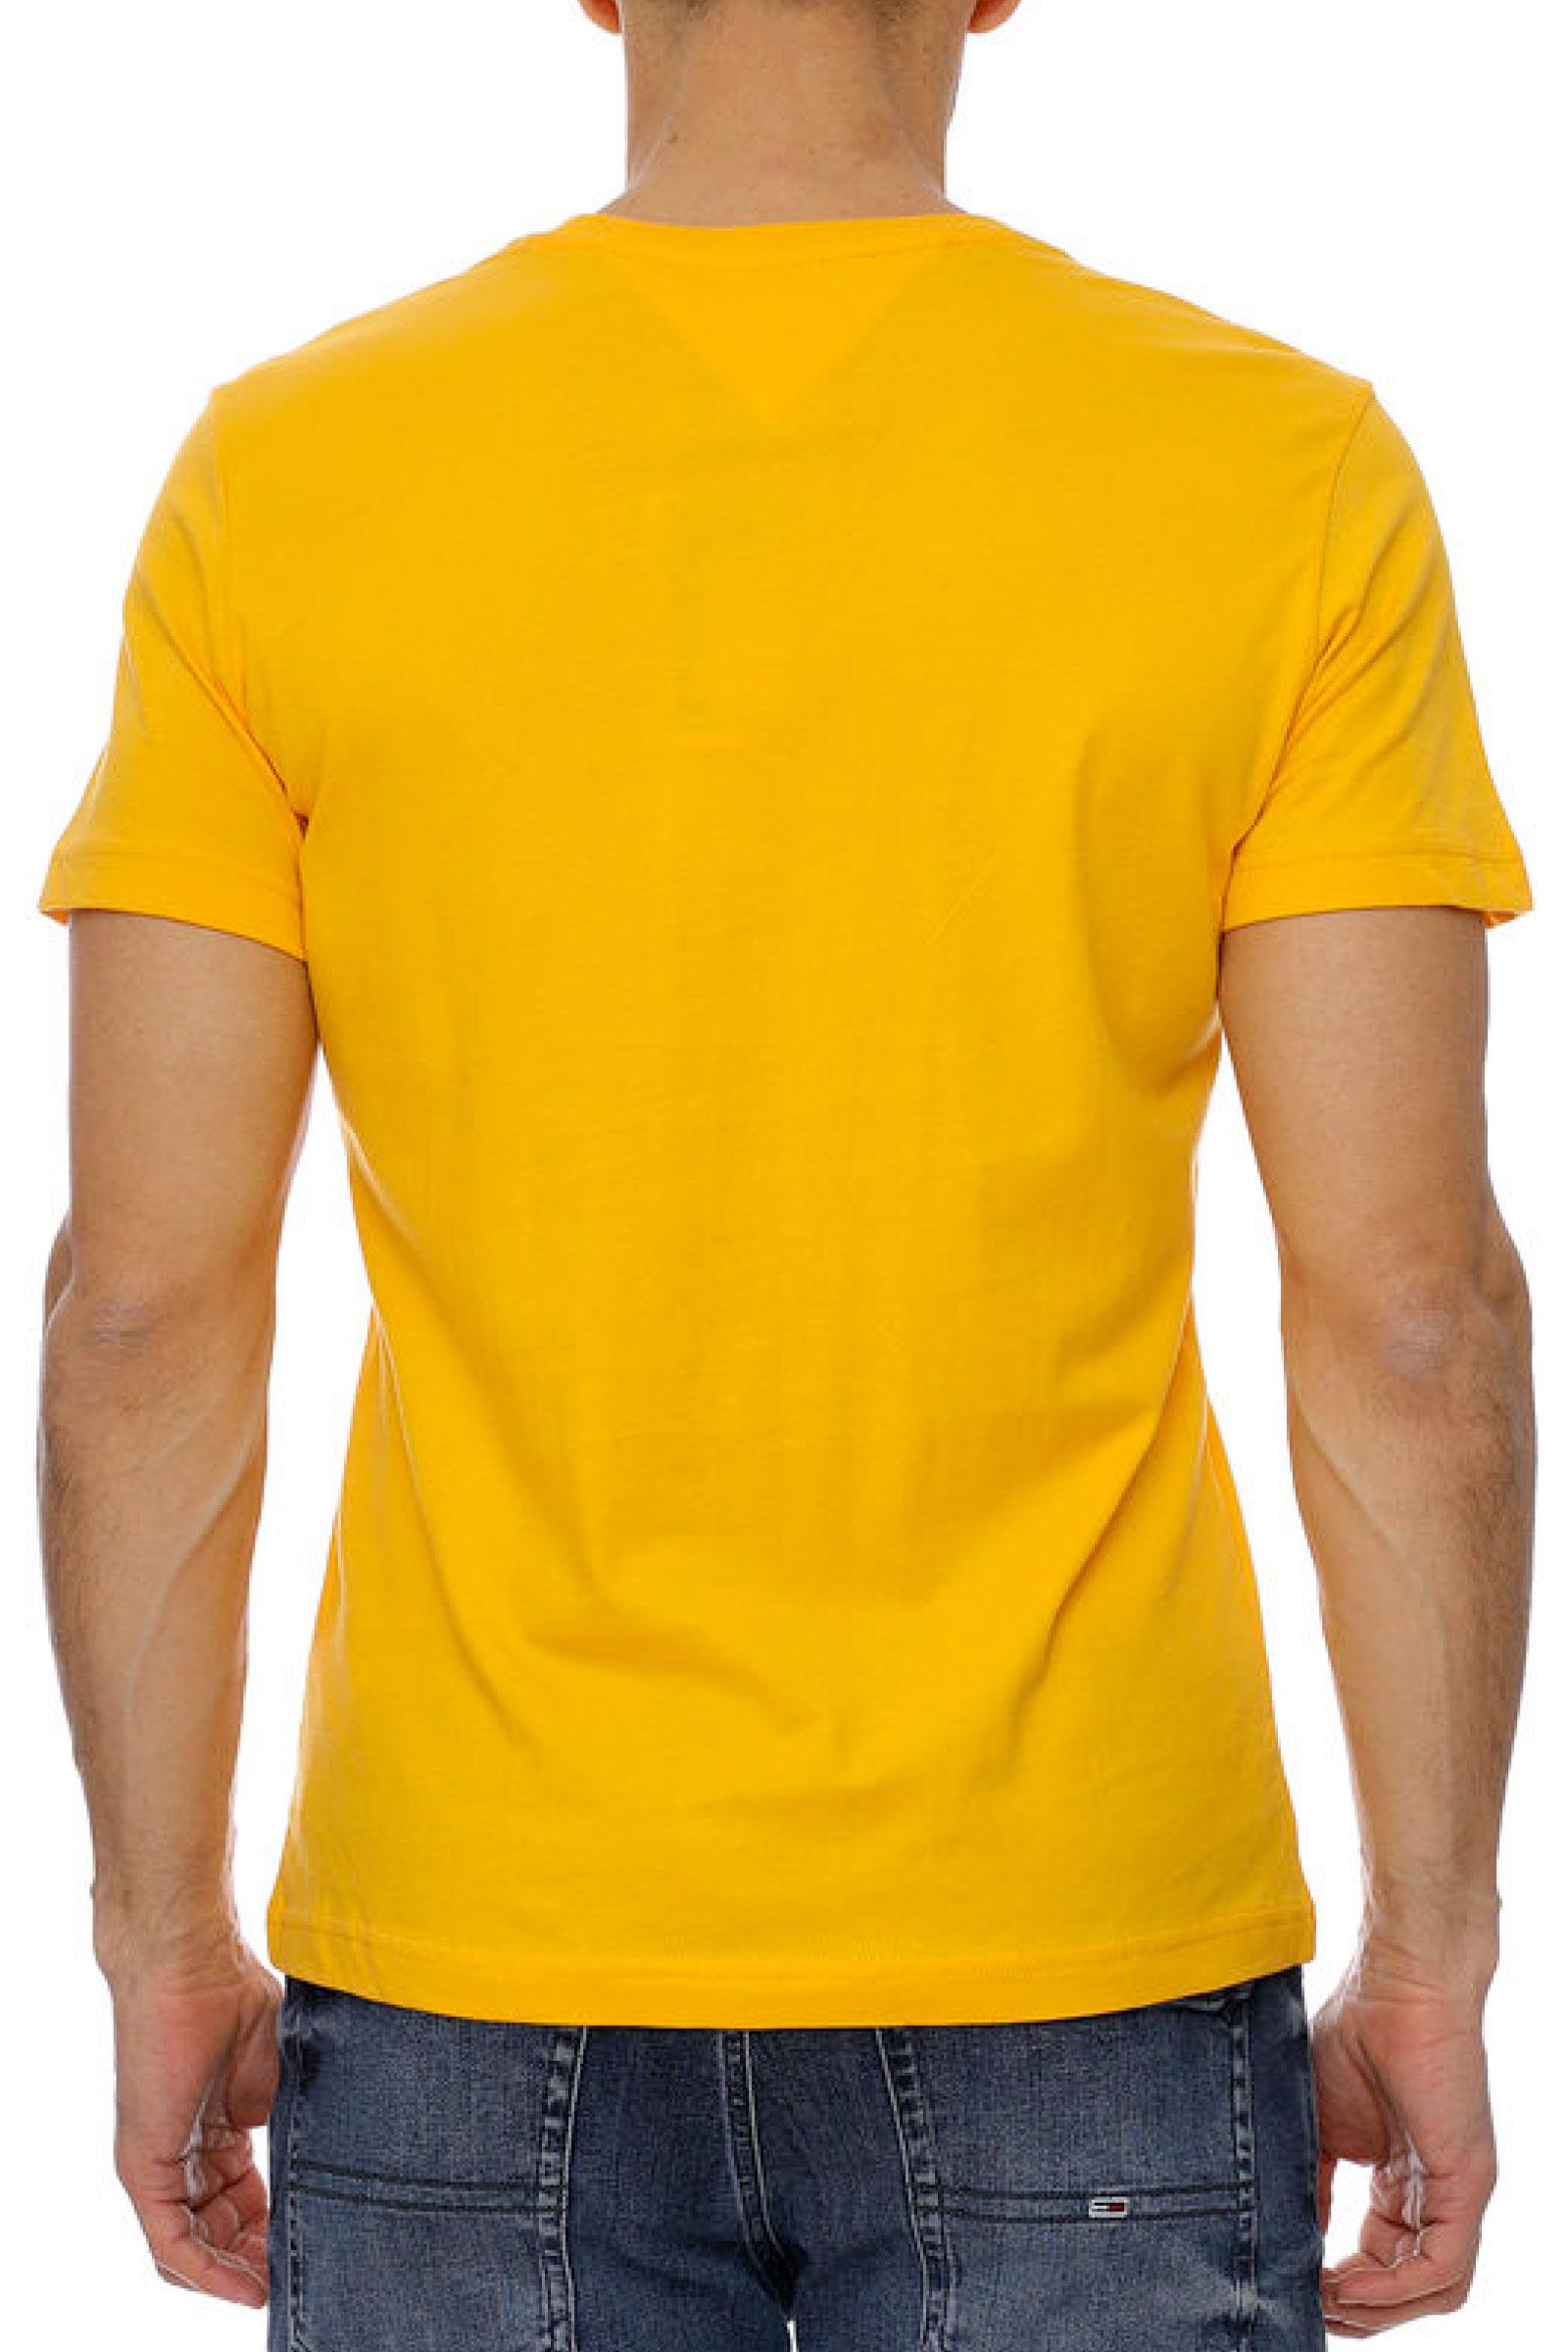 TOMMY JEANS | T-Shirt | DM0DM10243S00